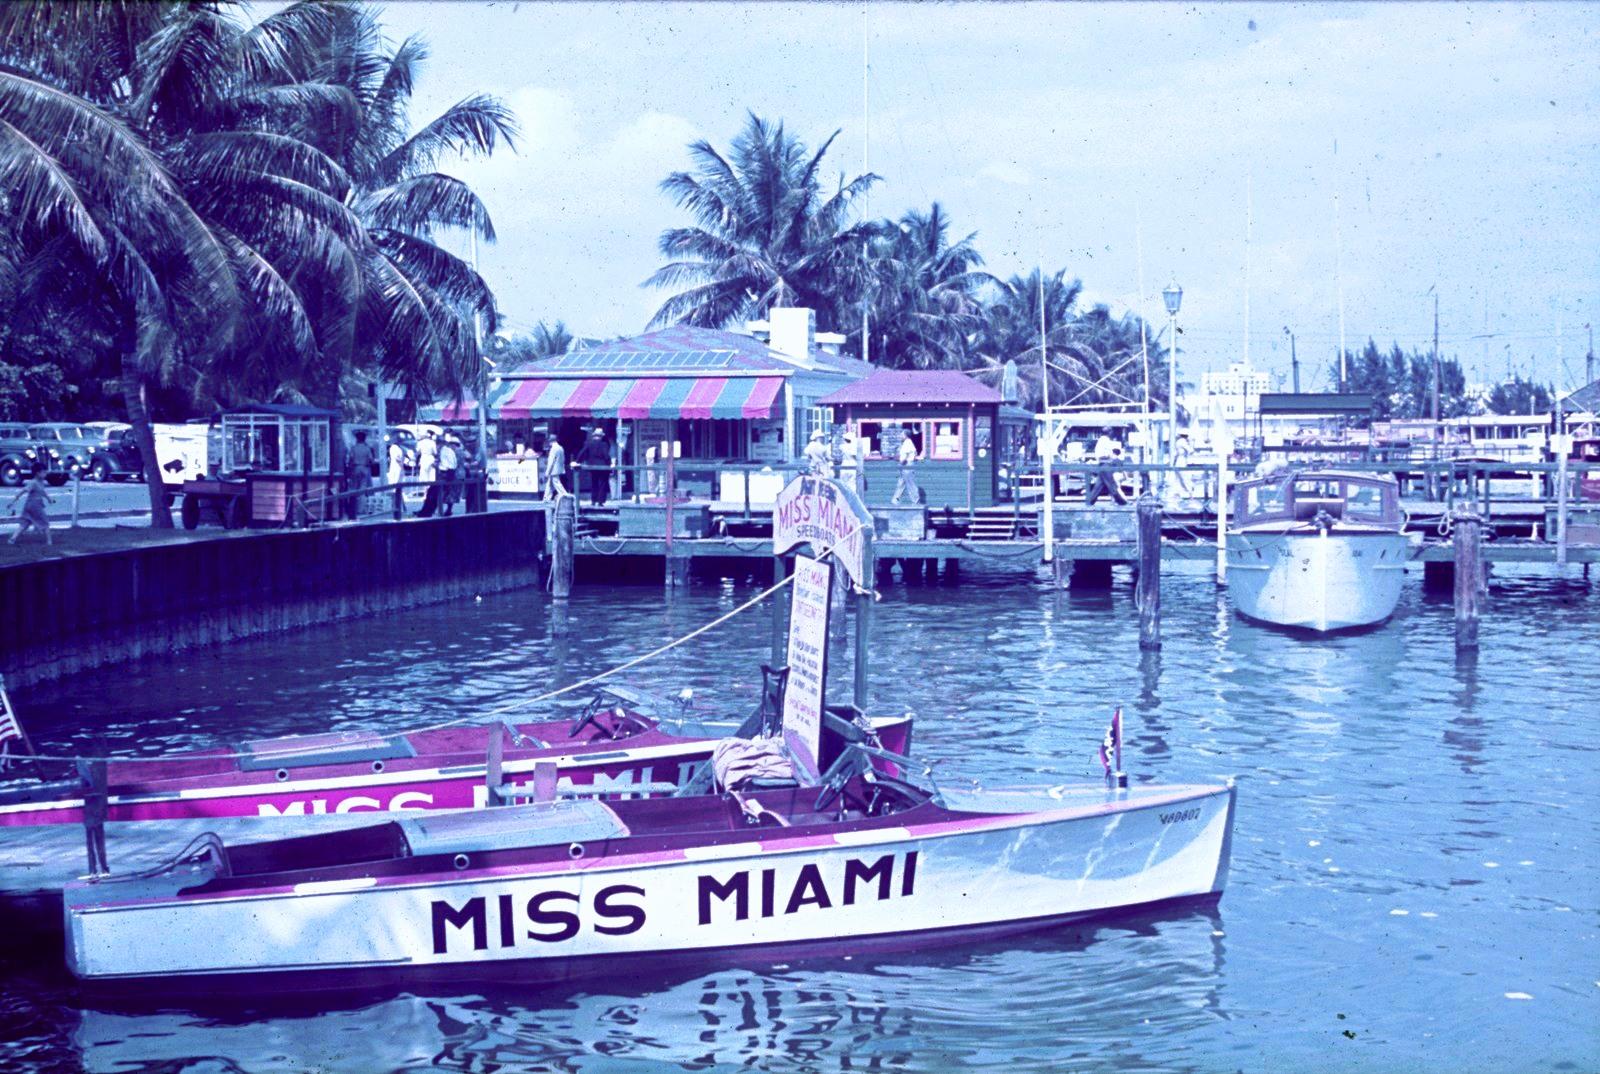 Майами. Скоростной мотор «Мисс Майами»